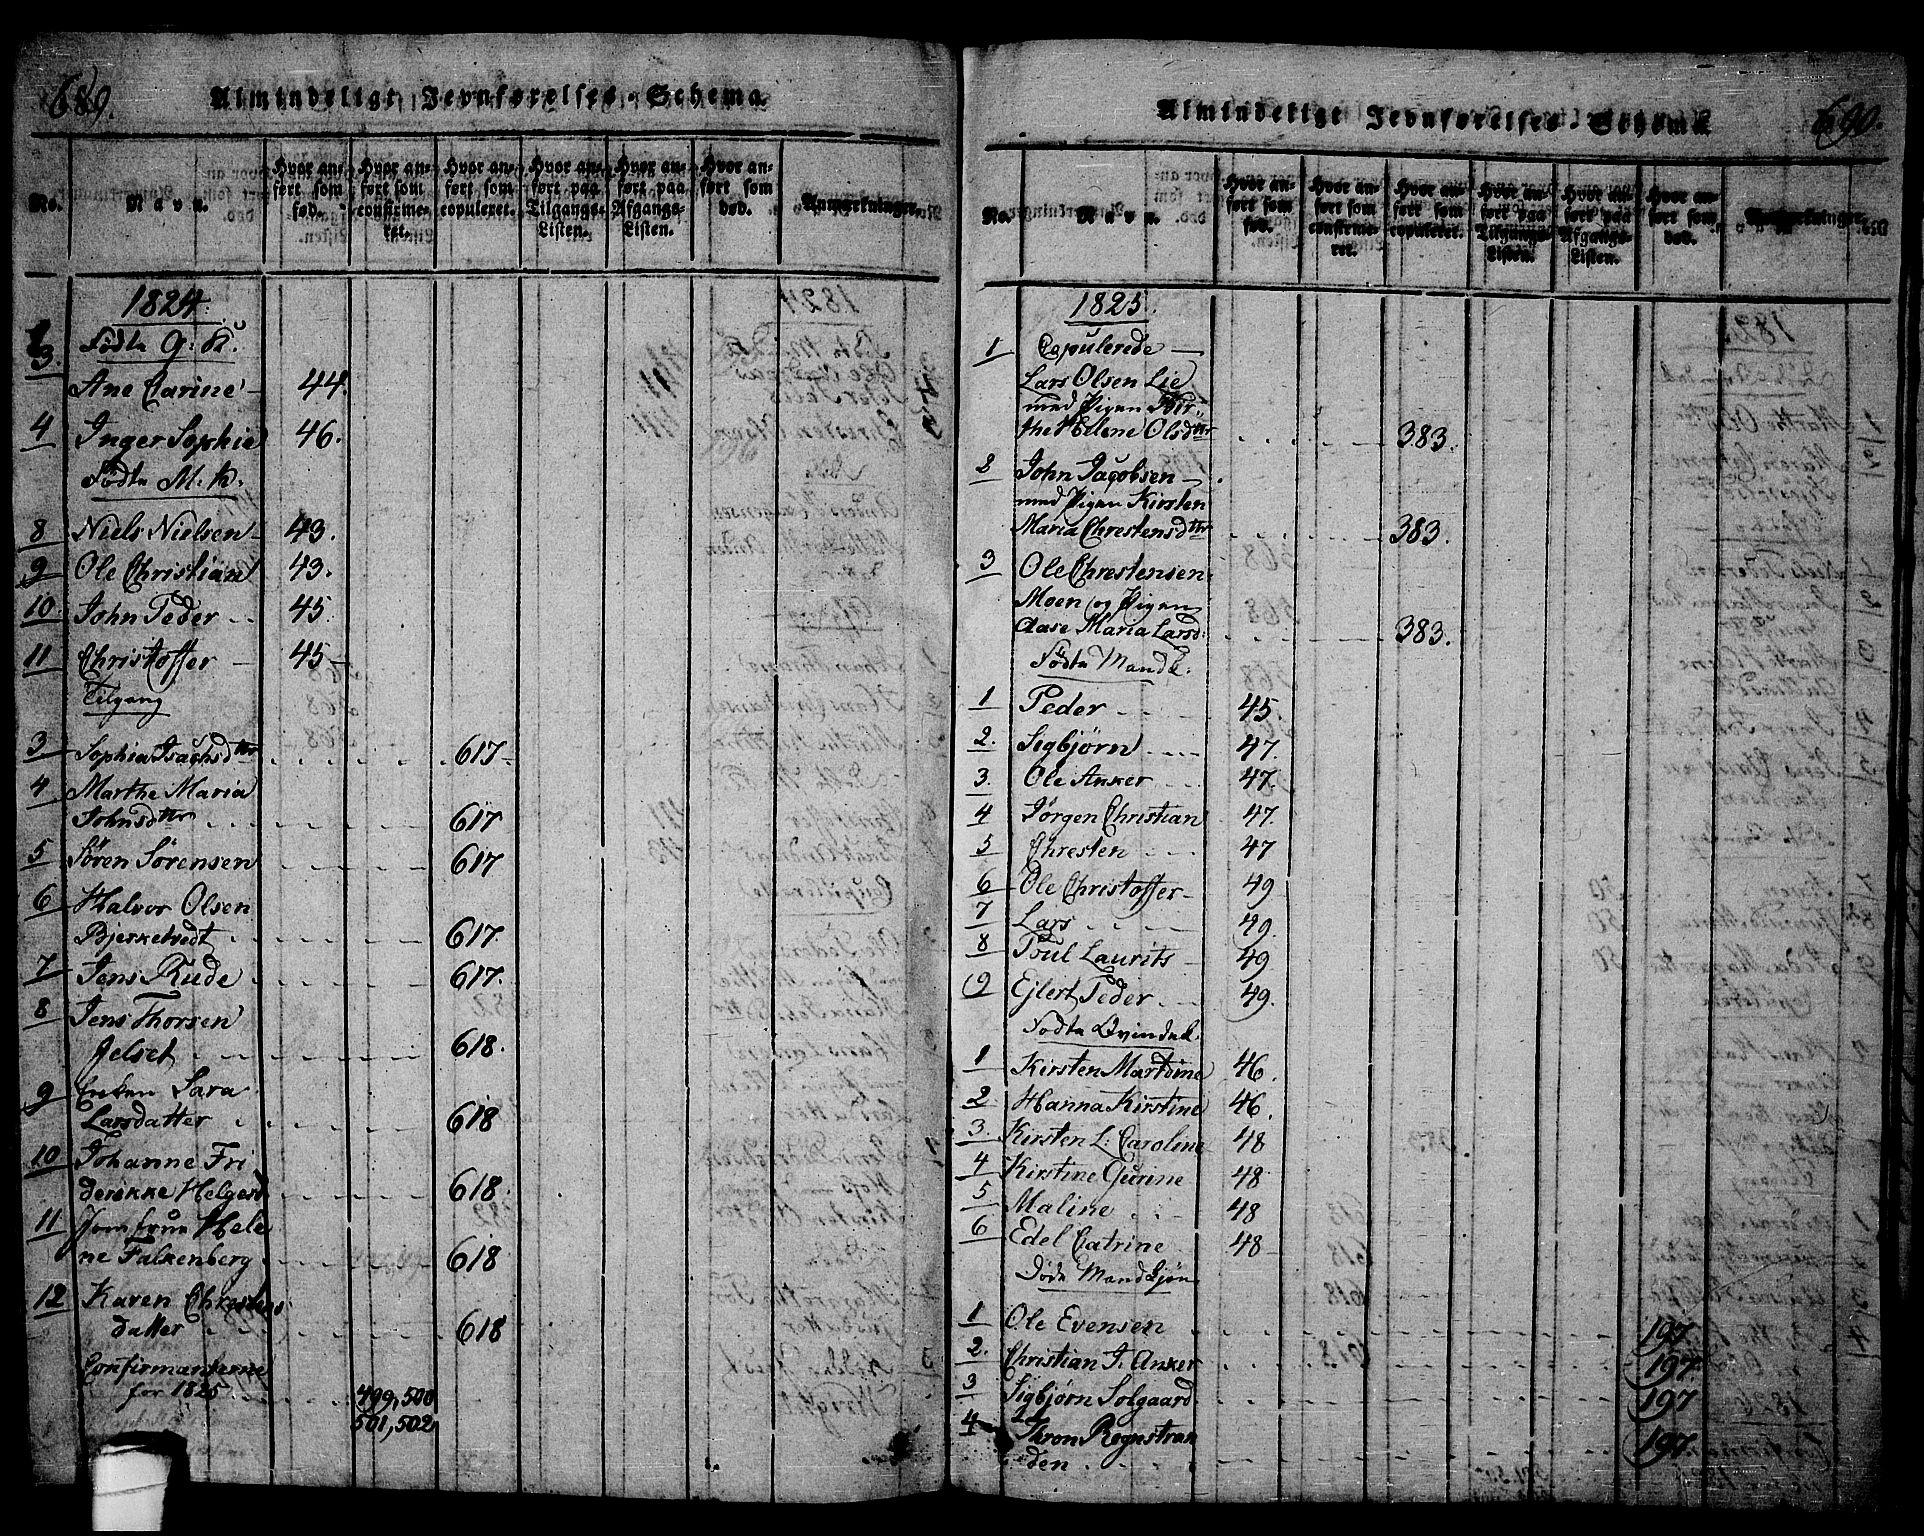 SAKO, Langesund kirkebøker, G/Ga/L0003: Klokkerbok nr. 3, 1815-1858, s. 689-690